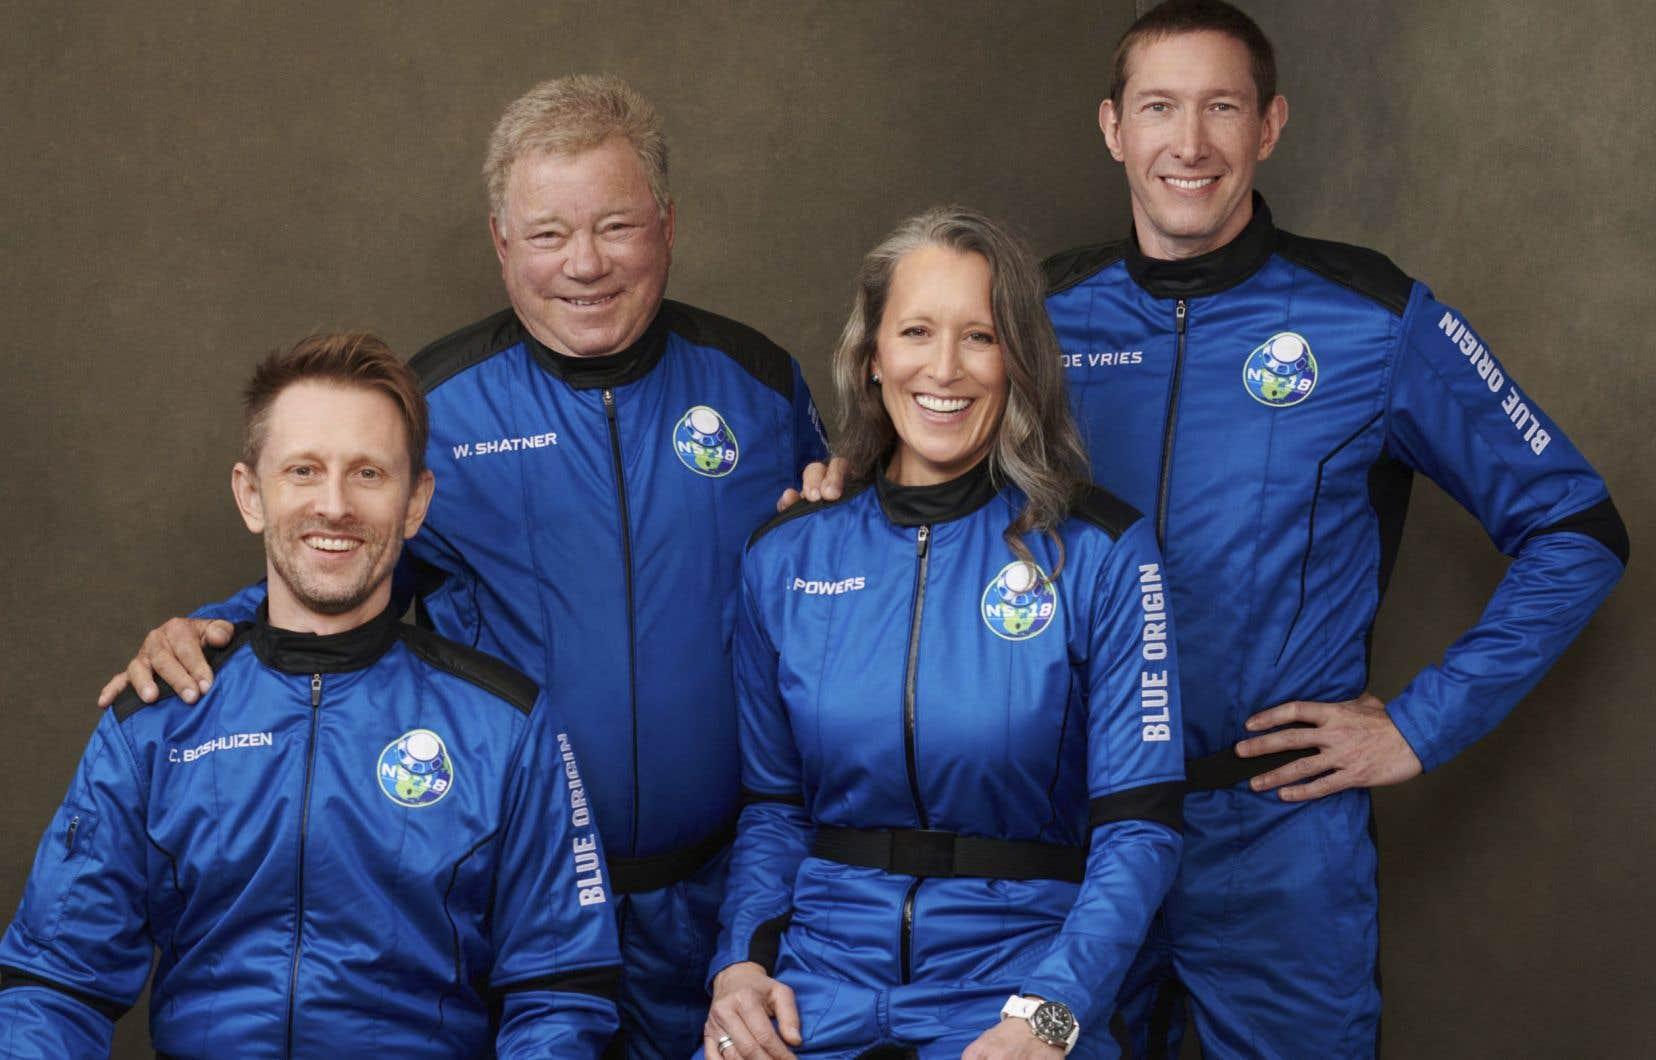 Les passagers de lafusée «New Shepard» mercredi, soit Chris Boshuizen, William Shatner, Audrey Powers et Glen de Vries (de gauche à droite)